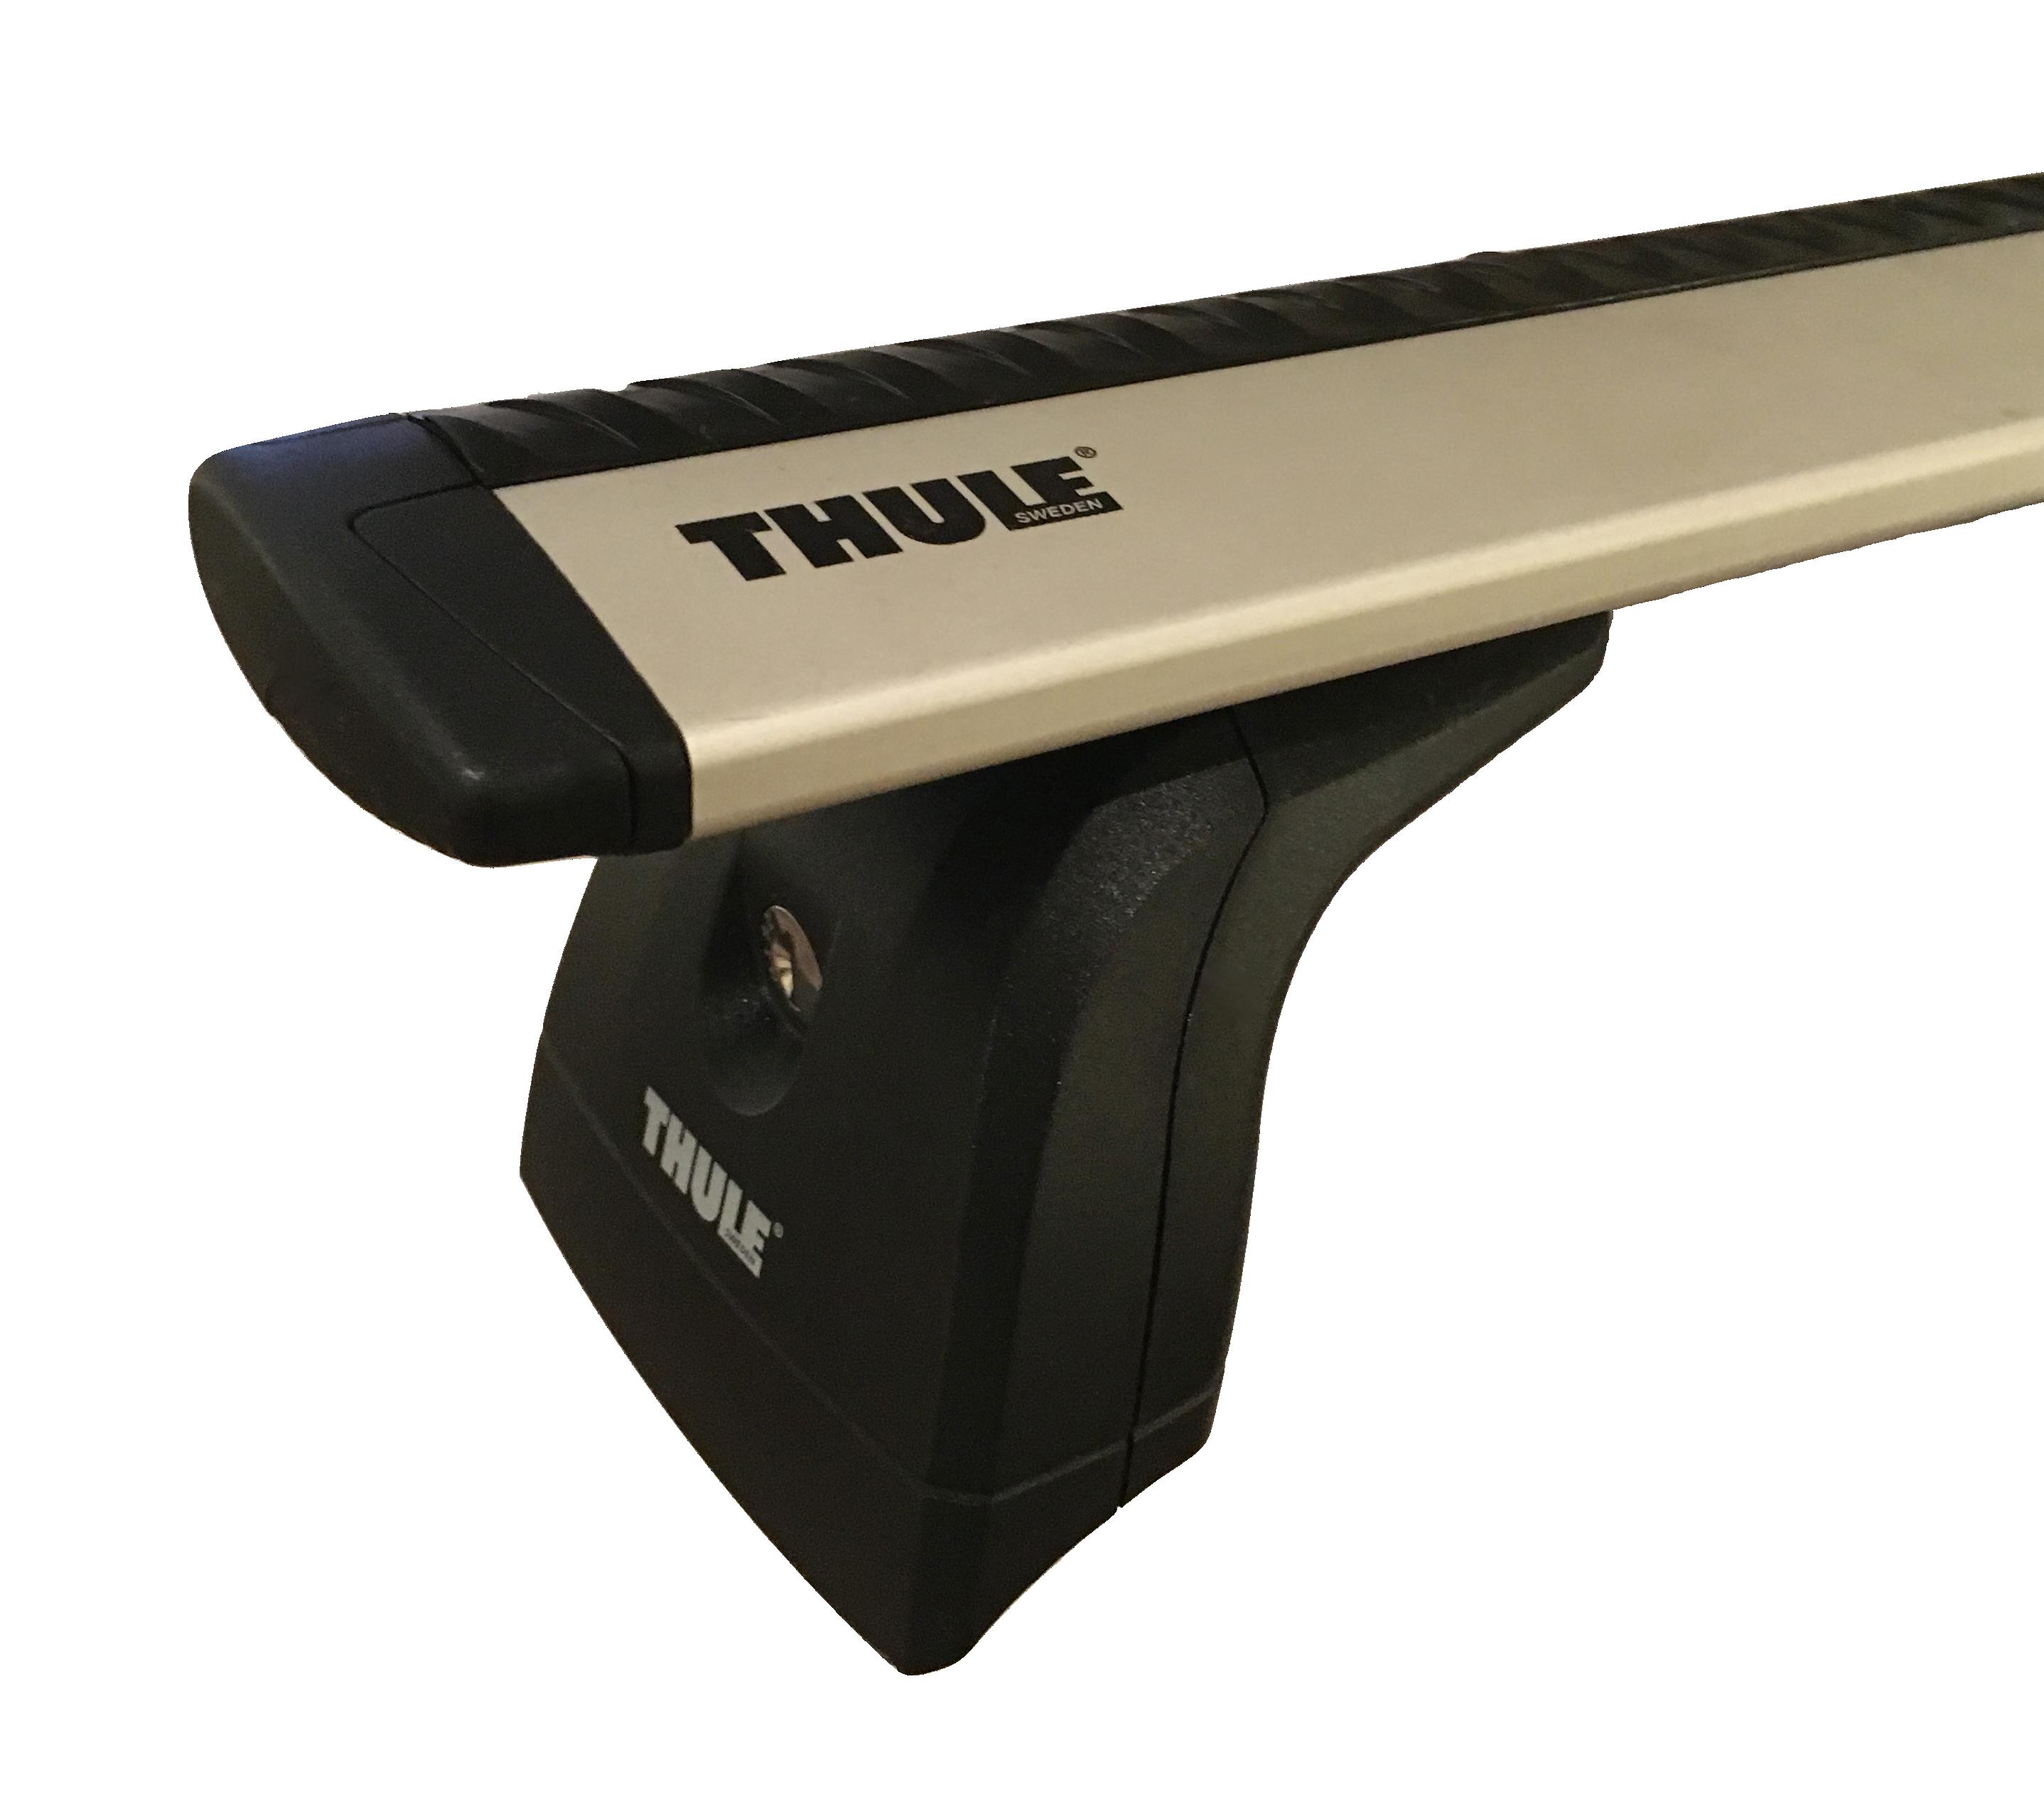 Thule 751, cutout